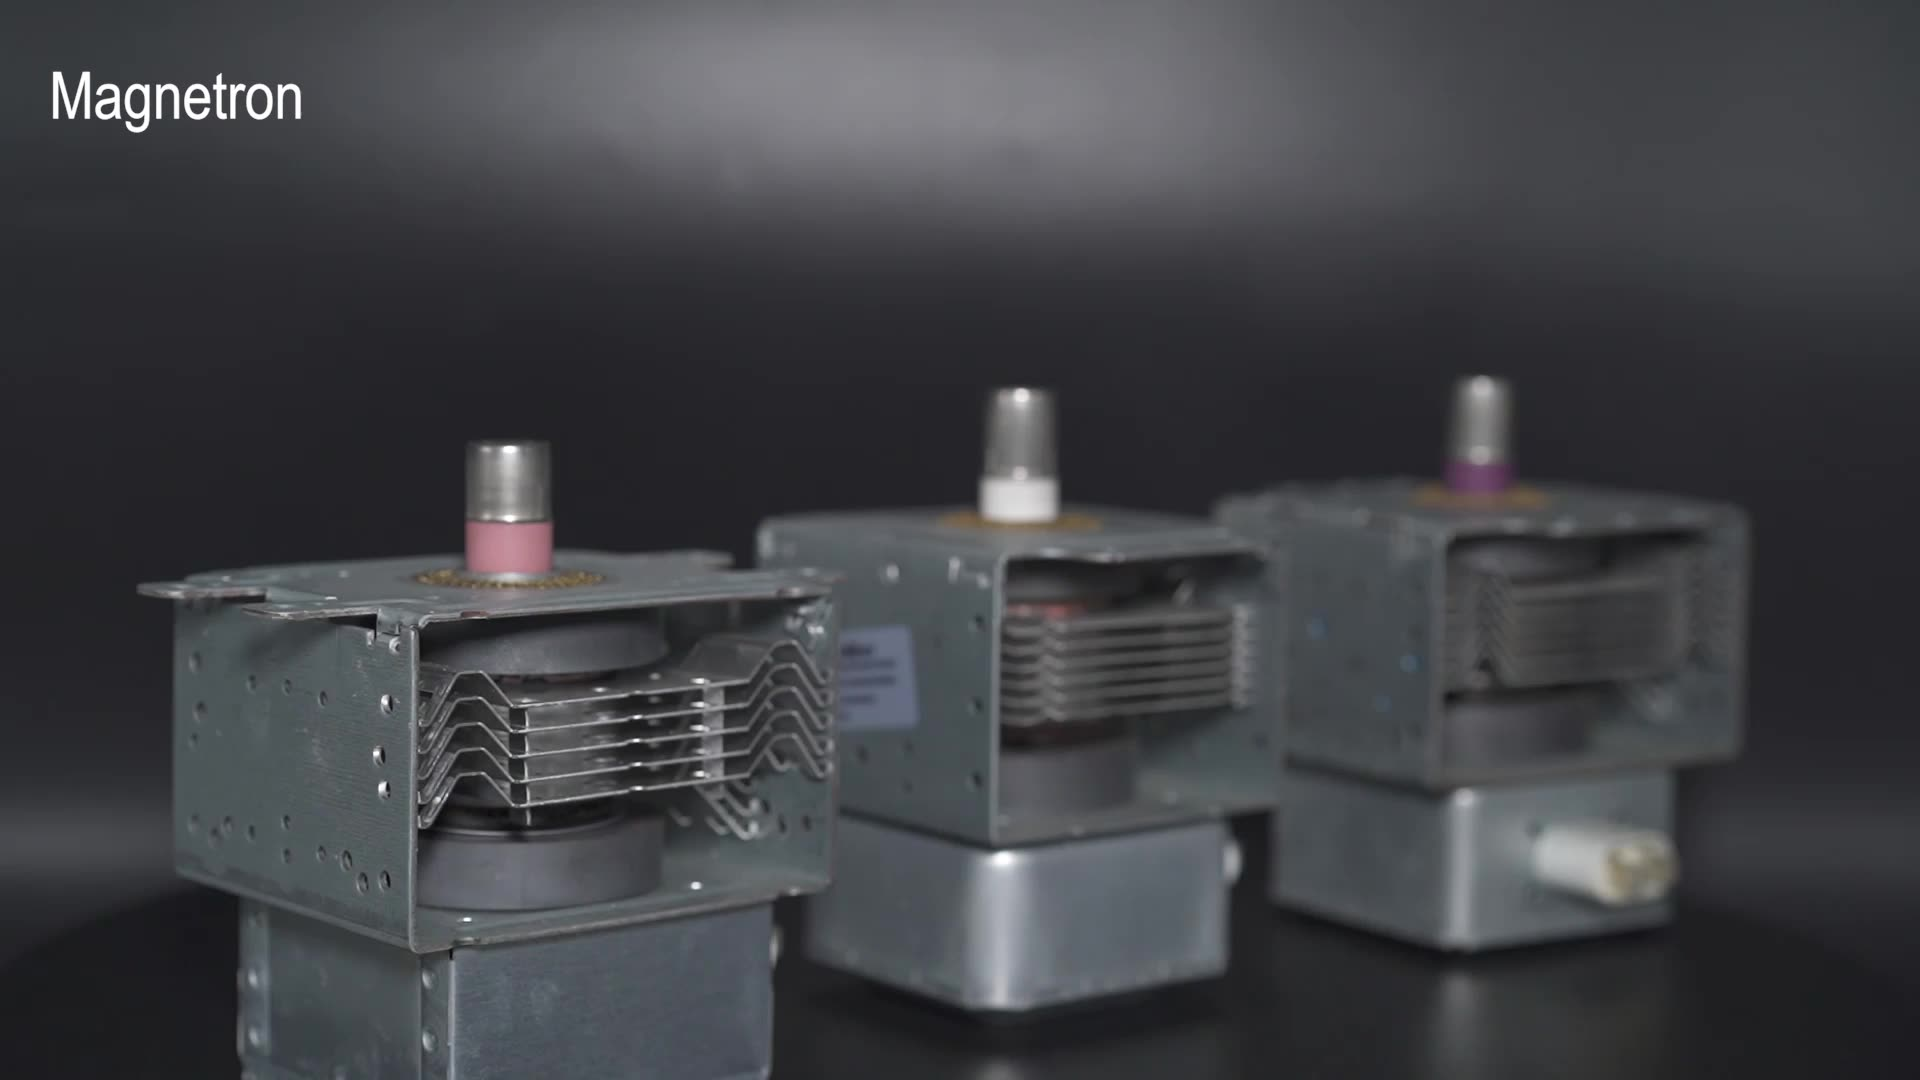 Düşük fiyat yerine LG 2M246-01TAG mikrodalga fırın Magnetron için 6 delikli montaj ayak 90 derece güç pin 6 ısı yutucular